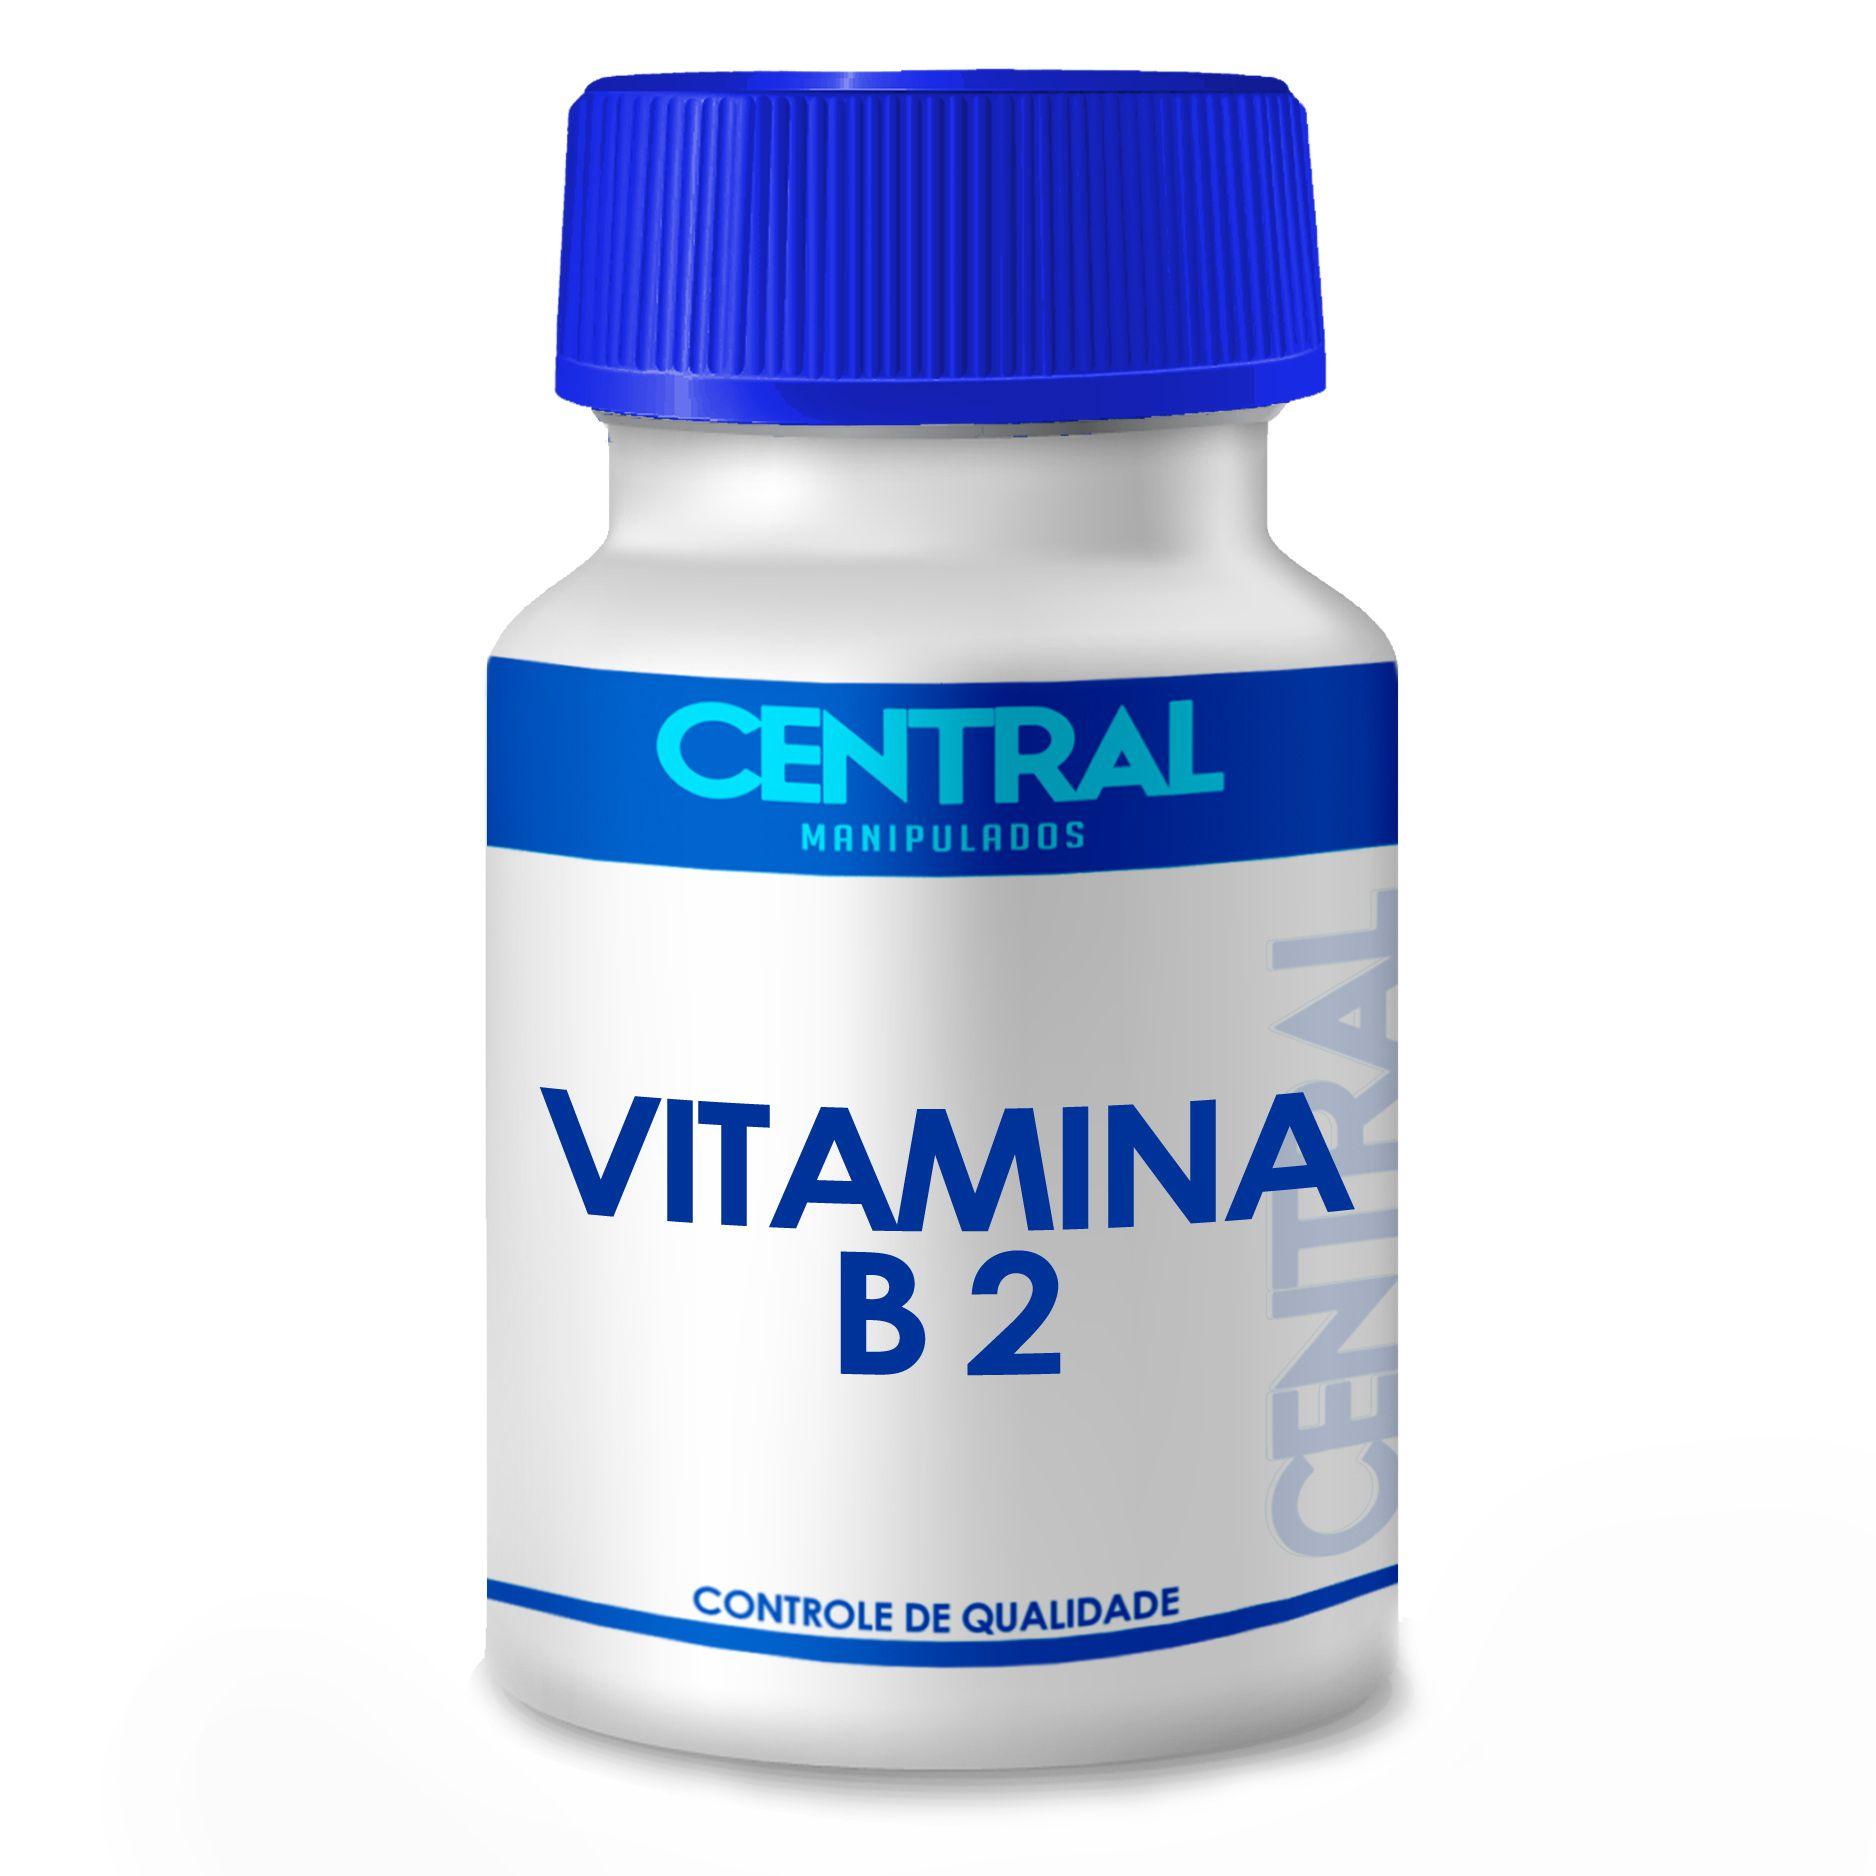 Vitamina B2 - Riboflavina - Indicada nos esportes de alta performance, na hemodiálise crônica e na inflamação crônica do intestino -250mg  - 180 cápsulas